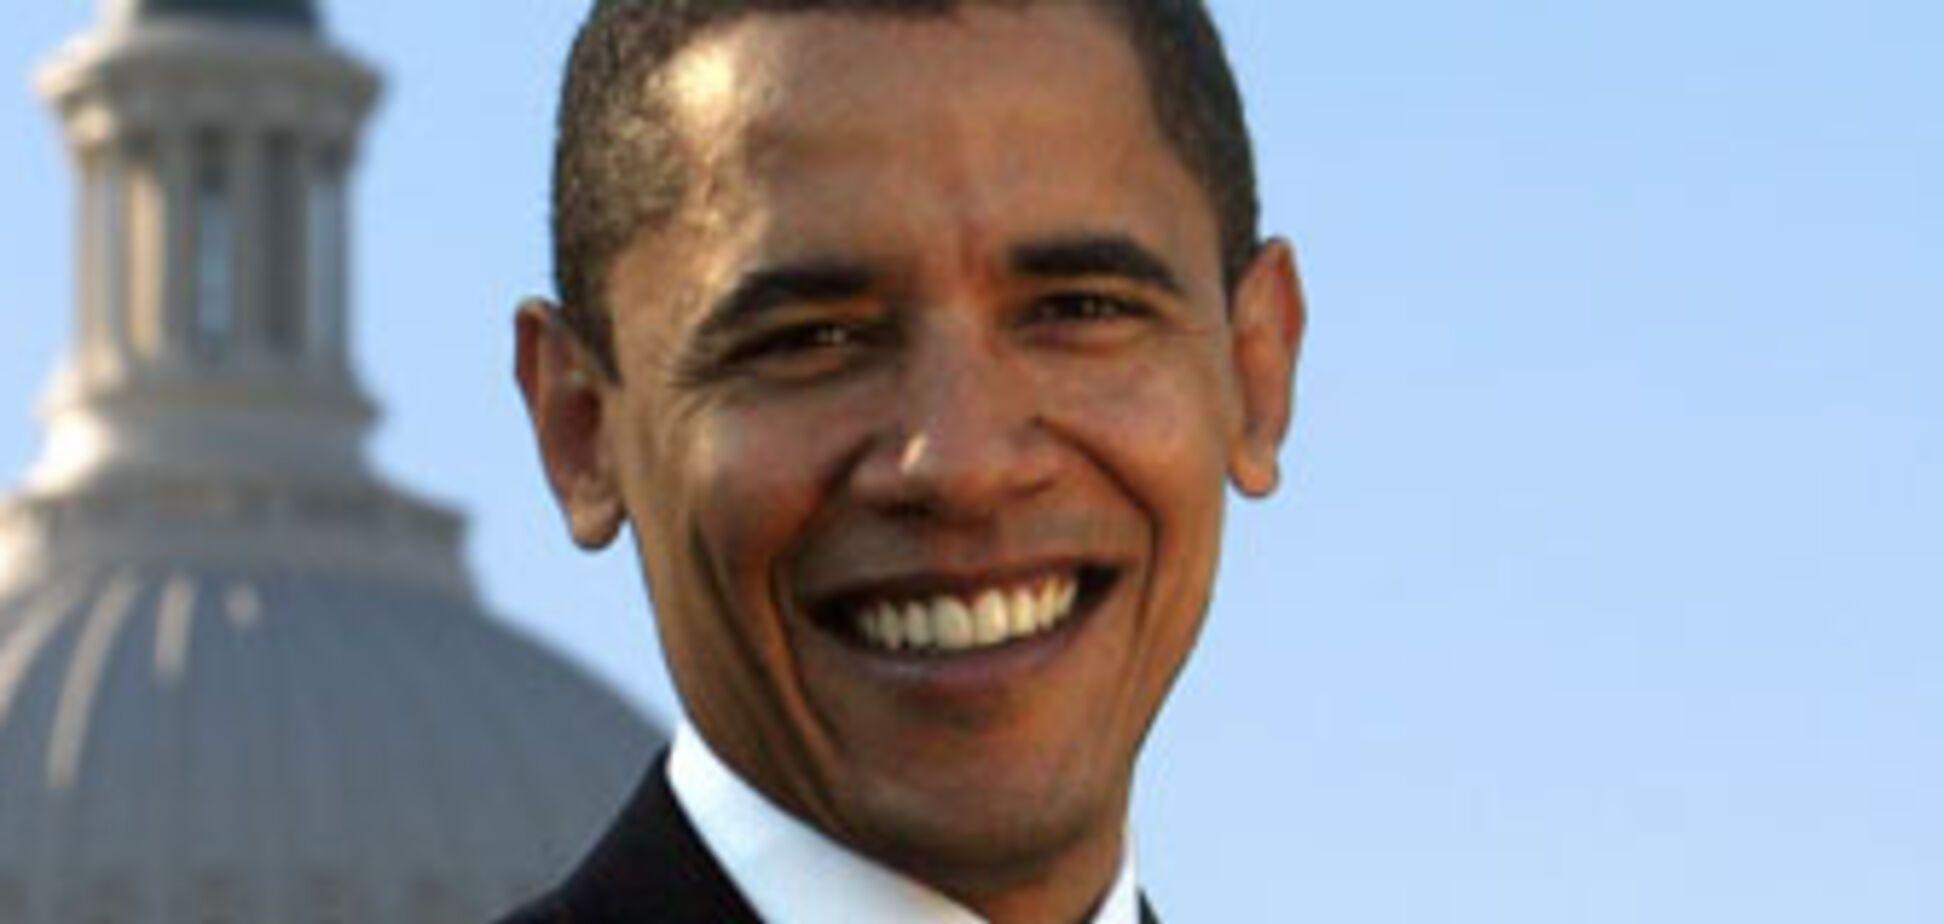 За результатами опитувань Обама випереджає Маккейна